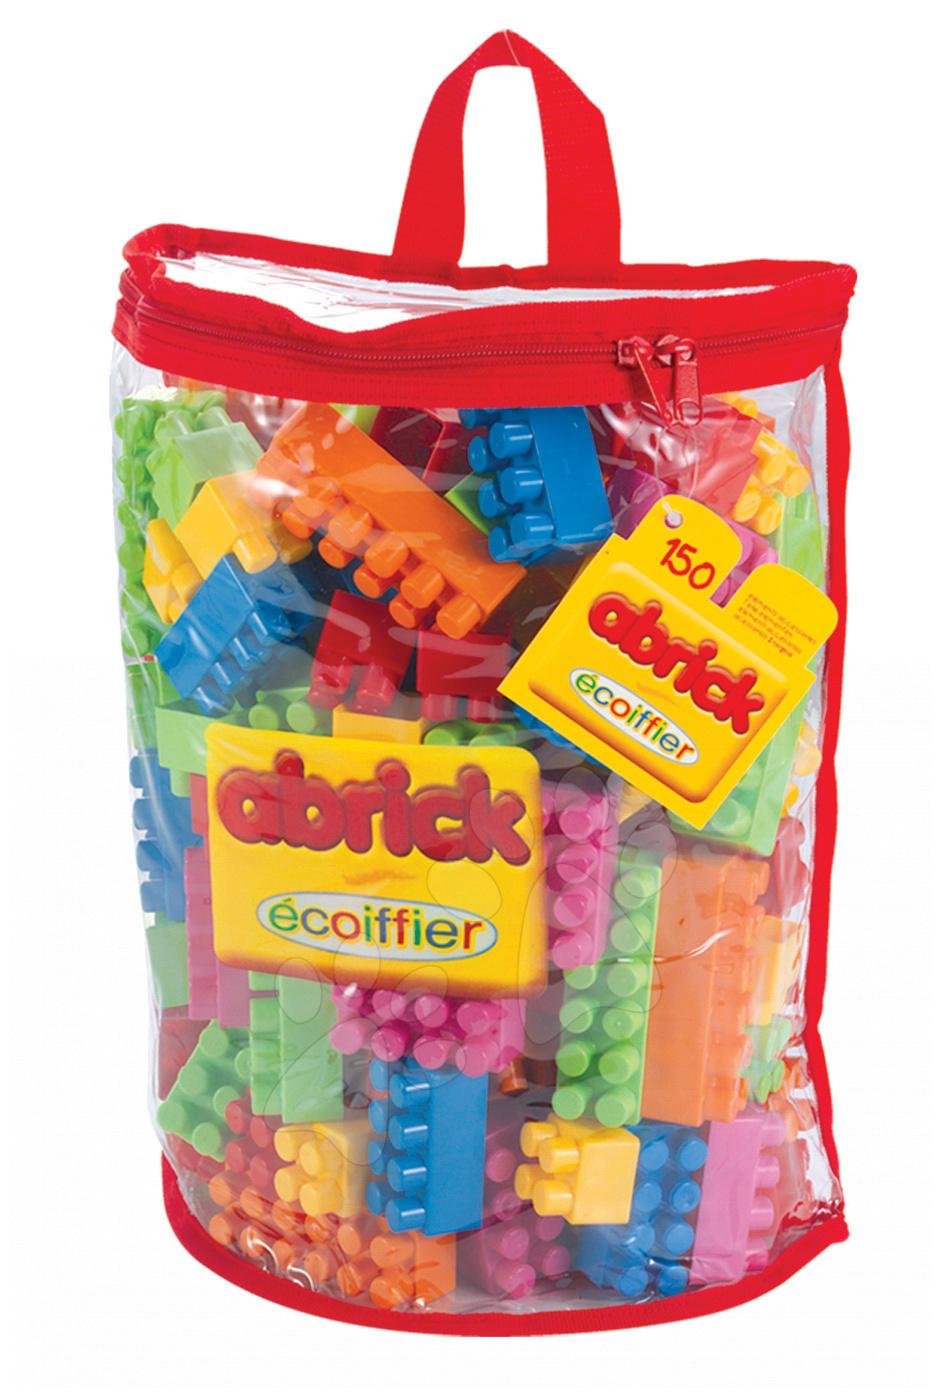 Stavebnice Abrick Écoiffier v tašce 150 dílů od 18 měsíců